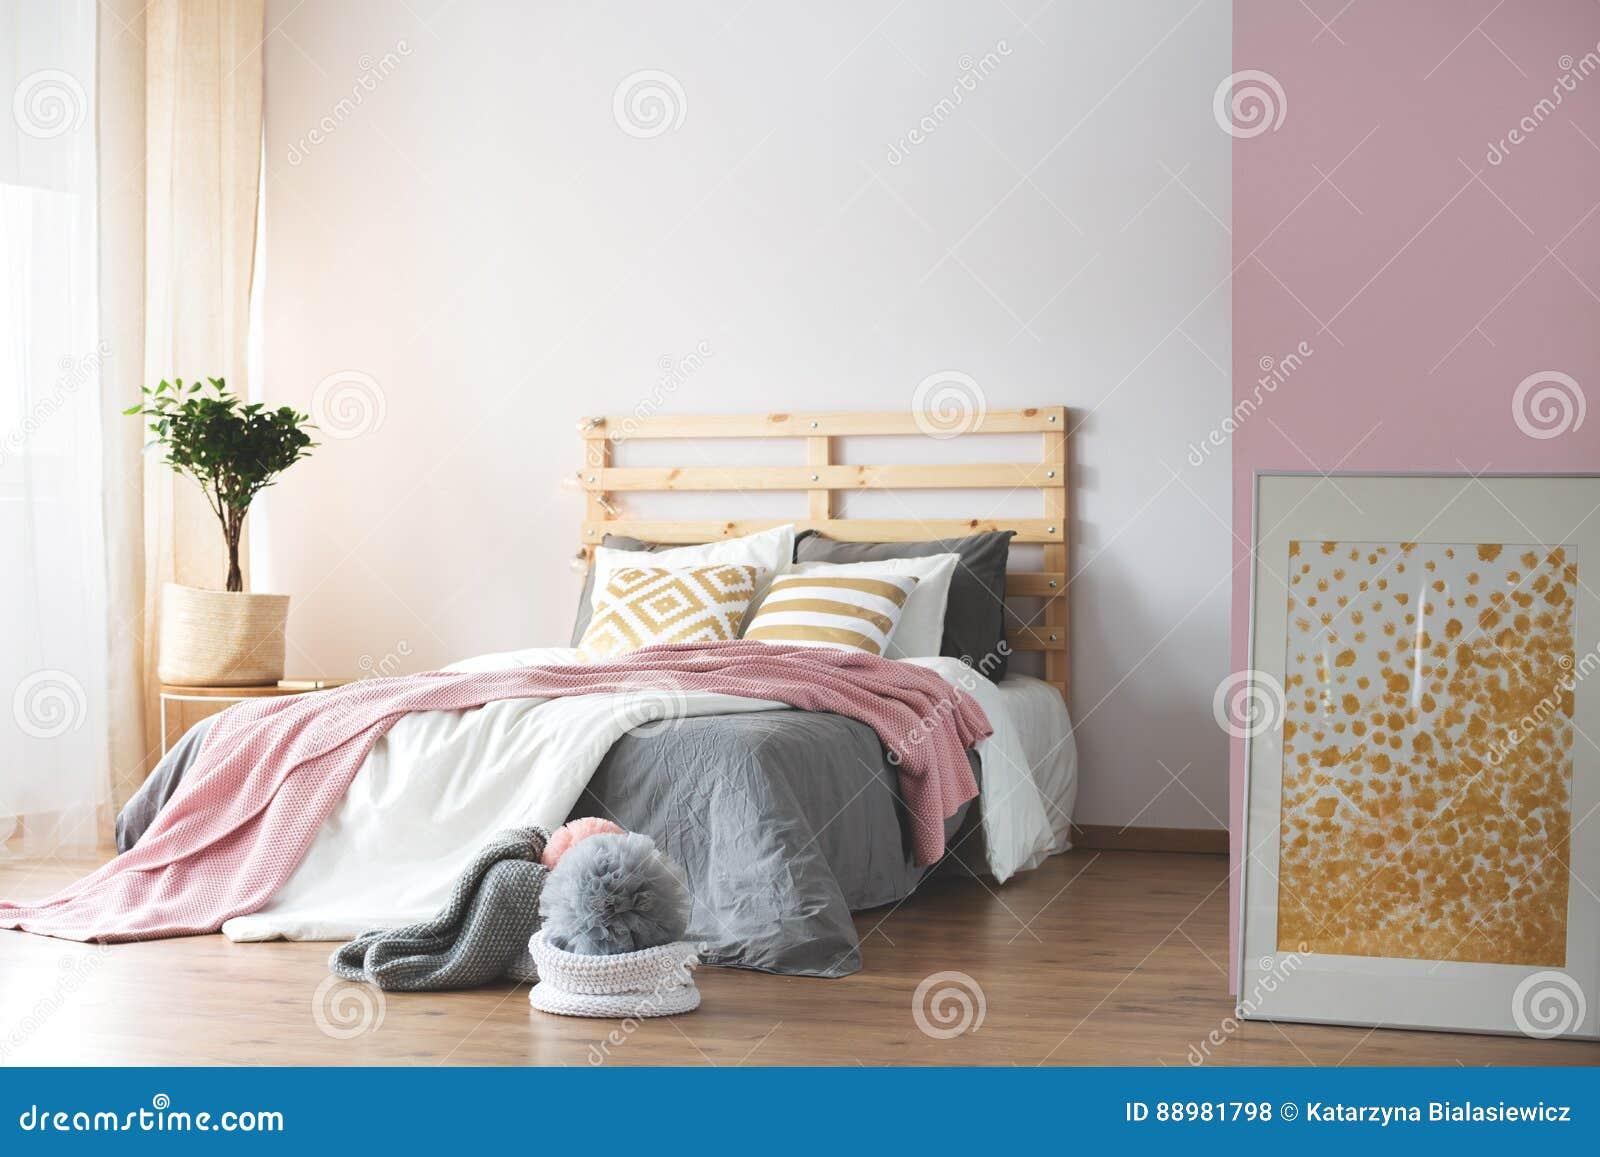 Accessori Per Camera Da Letto Bianca : Camera da letto rosa e bianca fotografia stock immagine di